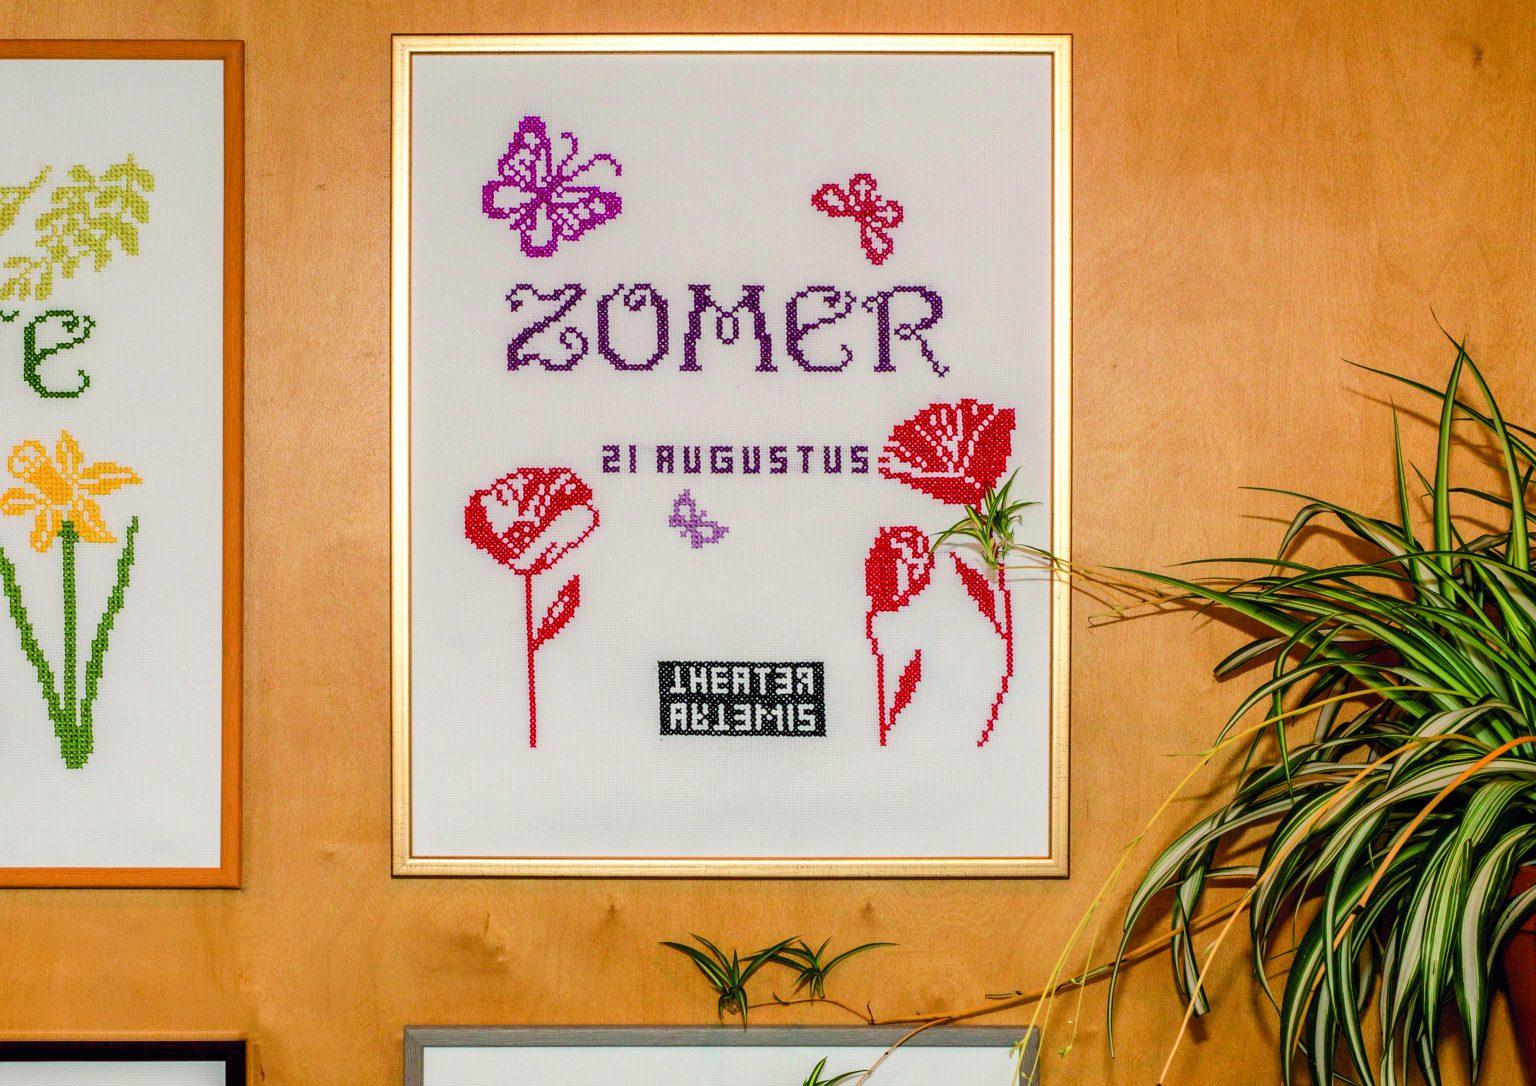 Theater Artemis - Lente/Zomer/Herfst/Winter